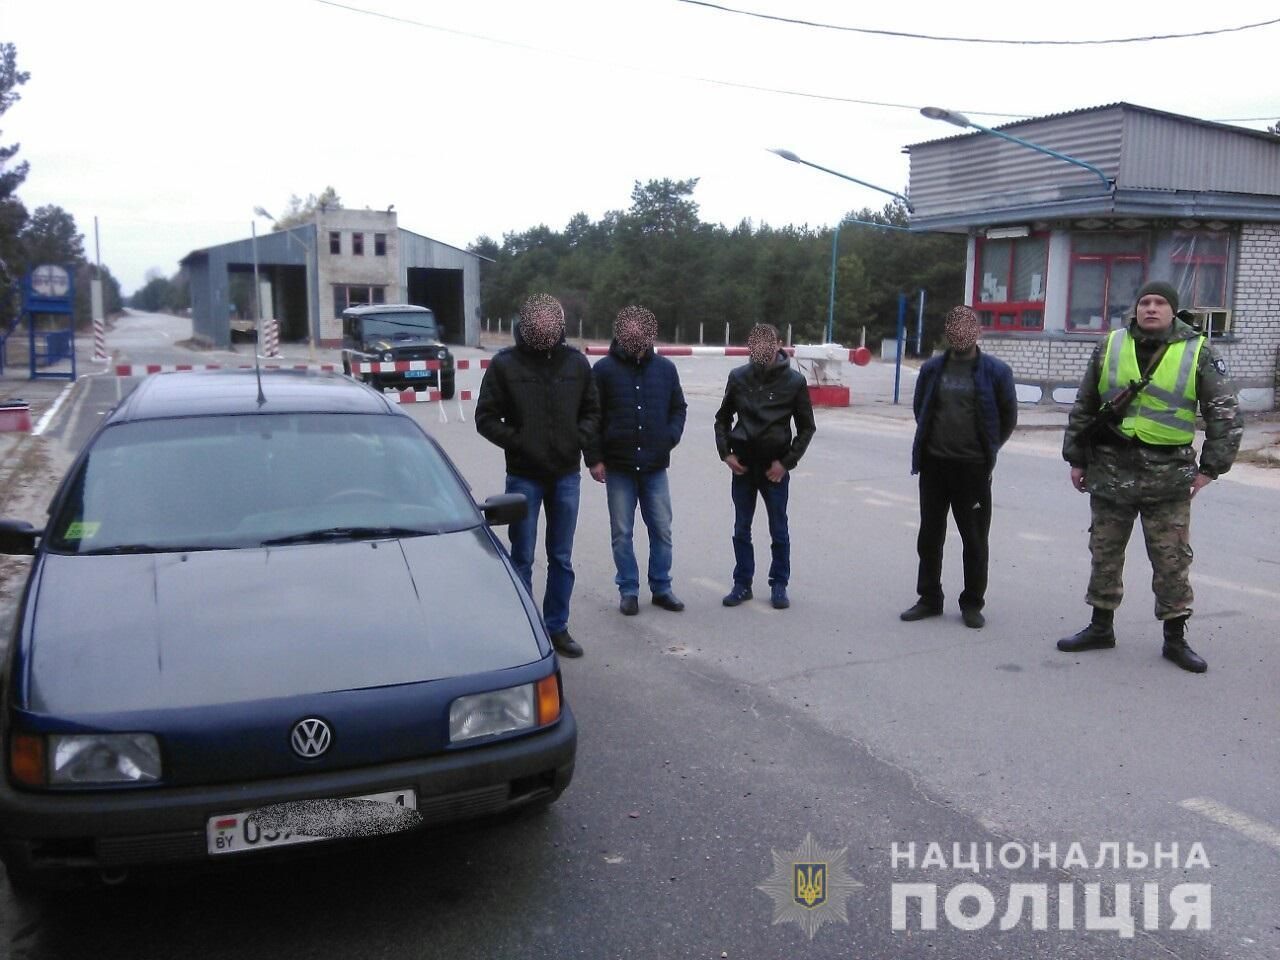 Fot. Головне управління Національної поліції в Київській області